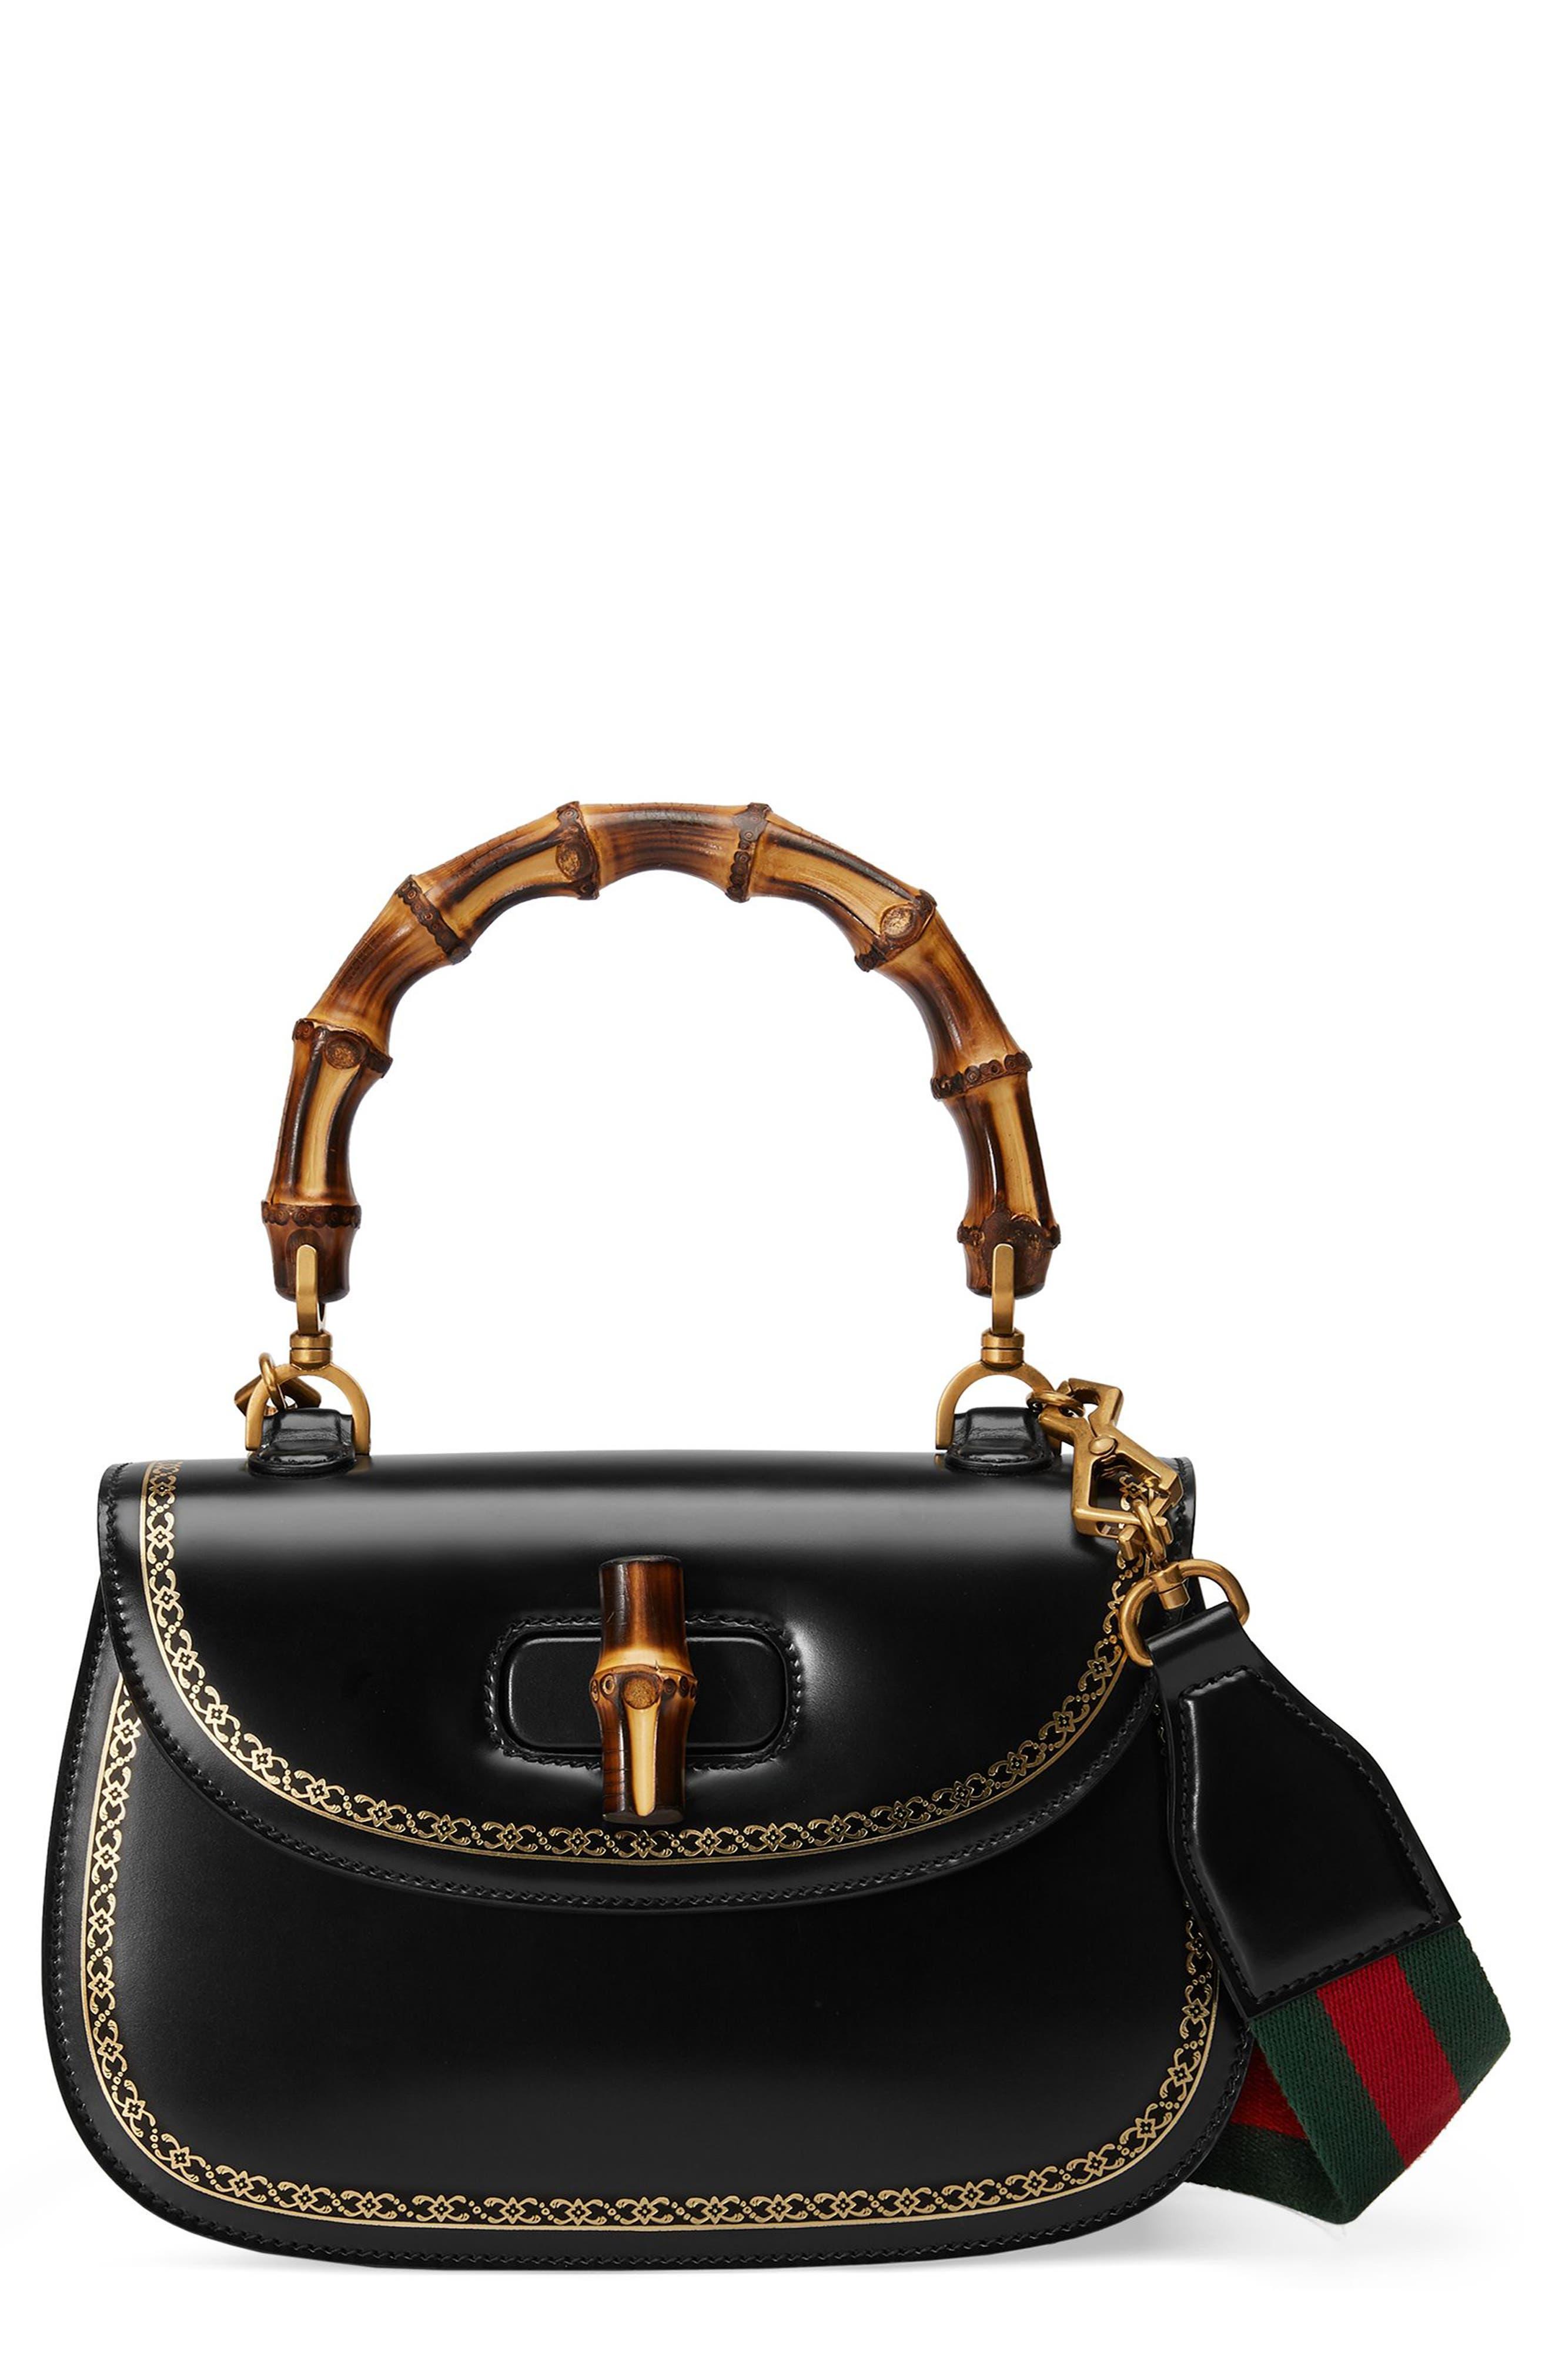 Medium Classic 2 Top Handle Shoulder Bag,                             Main thumbnail 1, color,